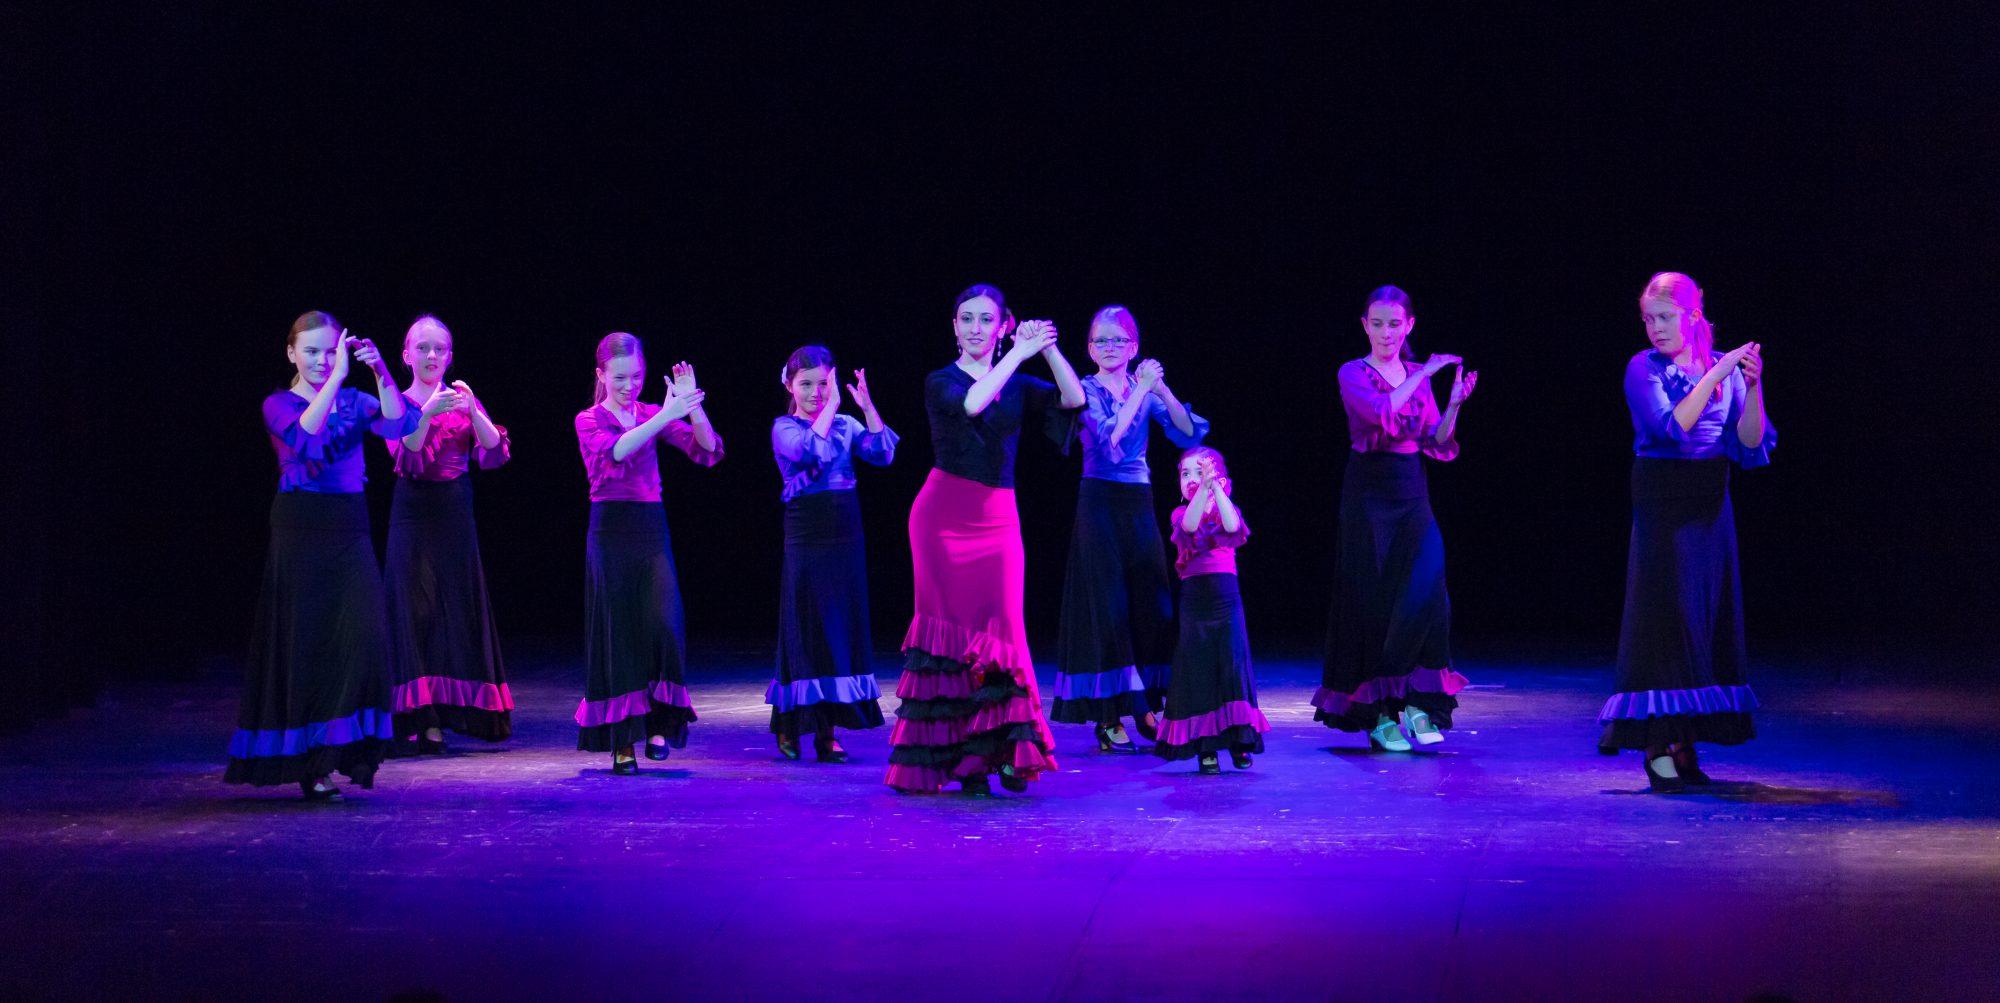 Paseo del Flamenco